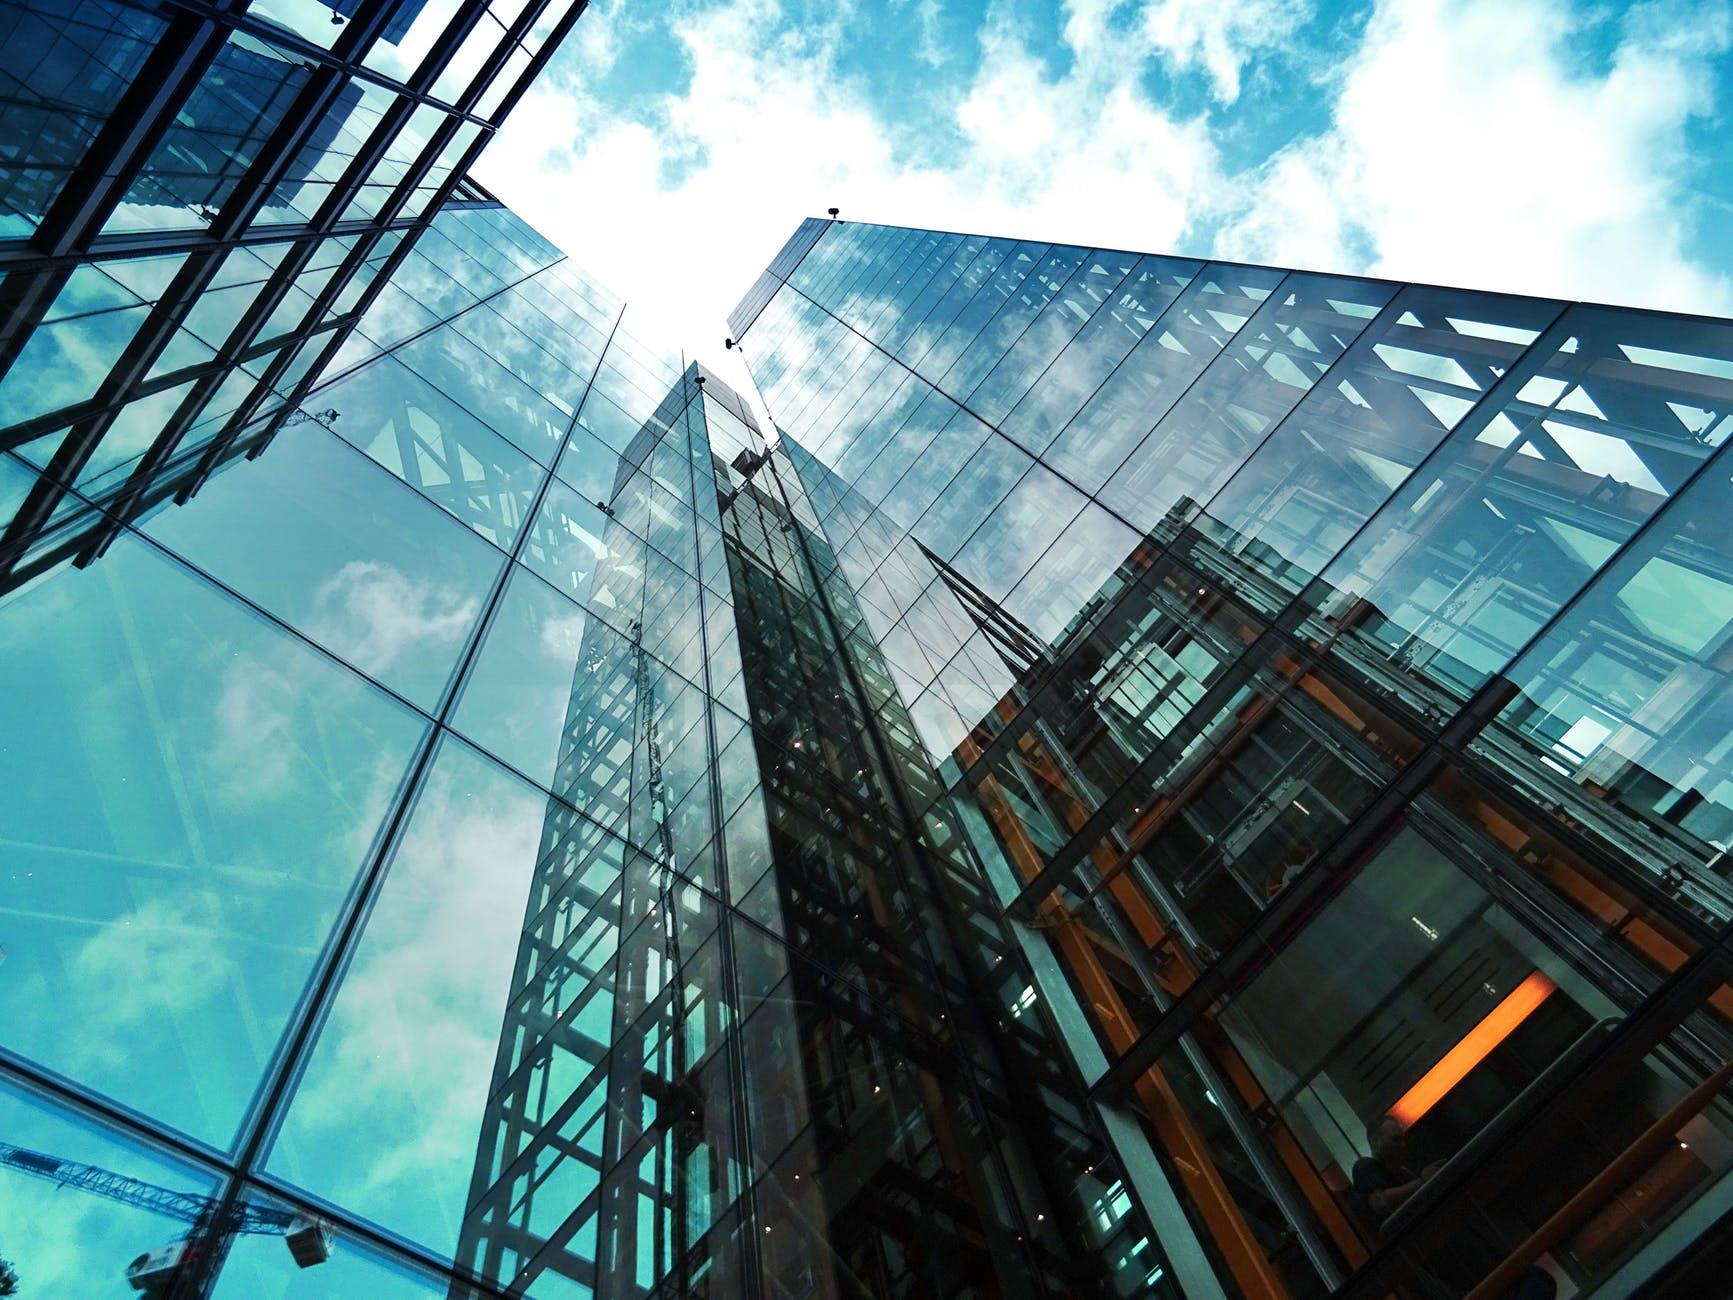 Grande-Entreprise-taille-d-entreprise-logiciel-qhse-winlassie